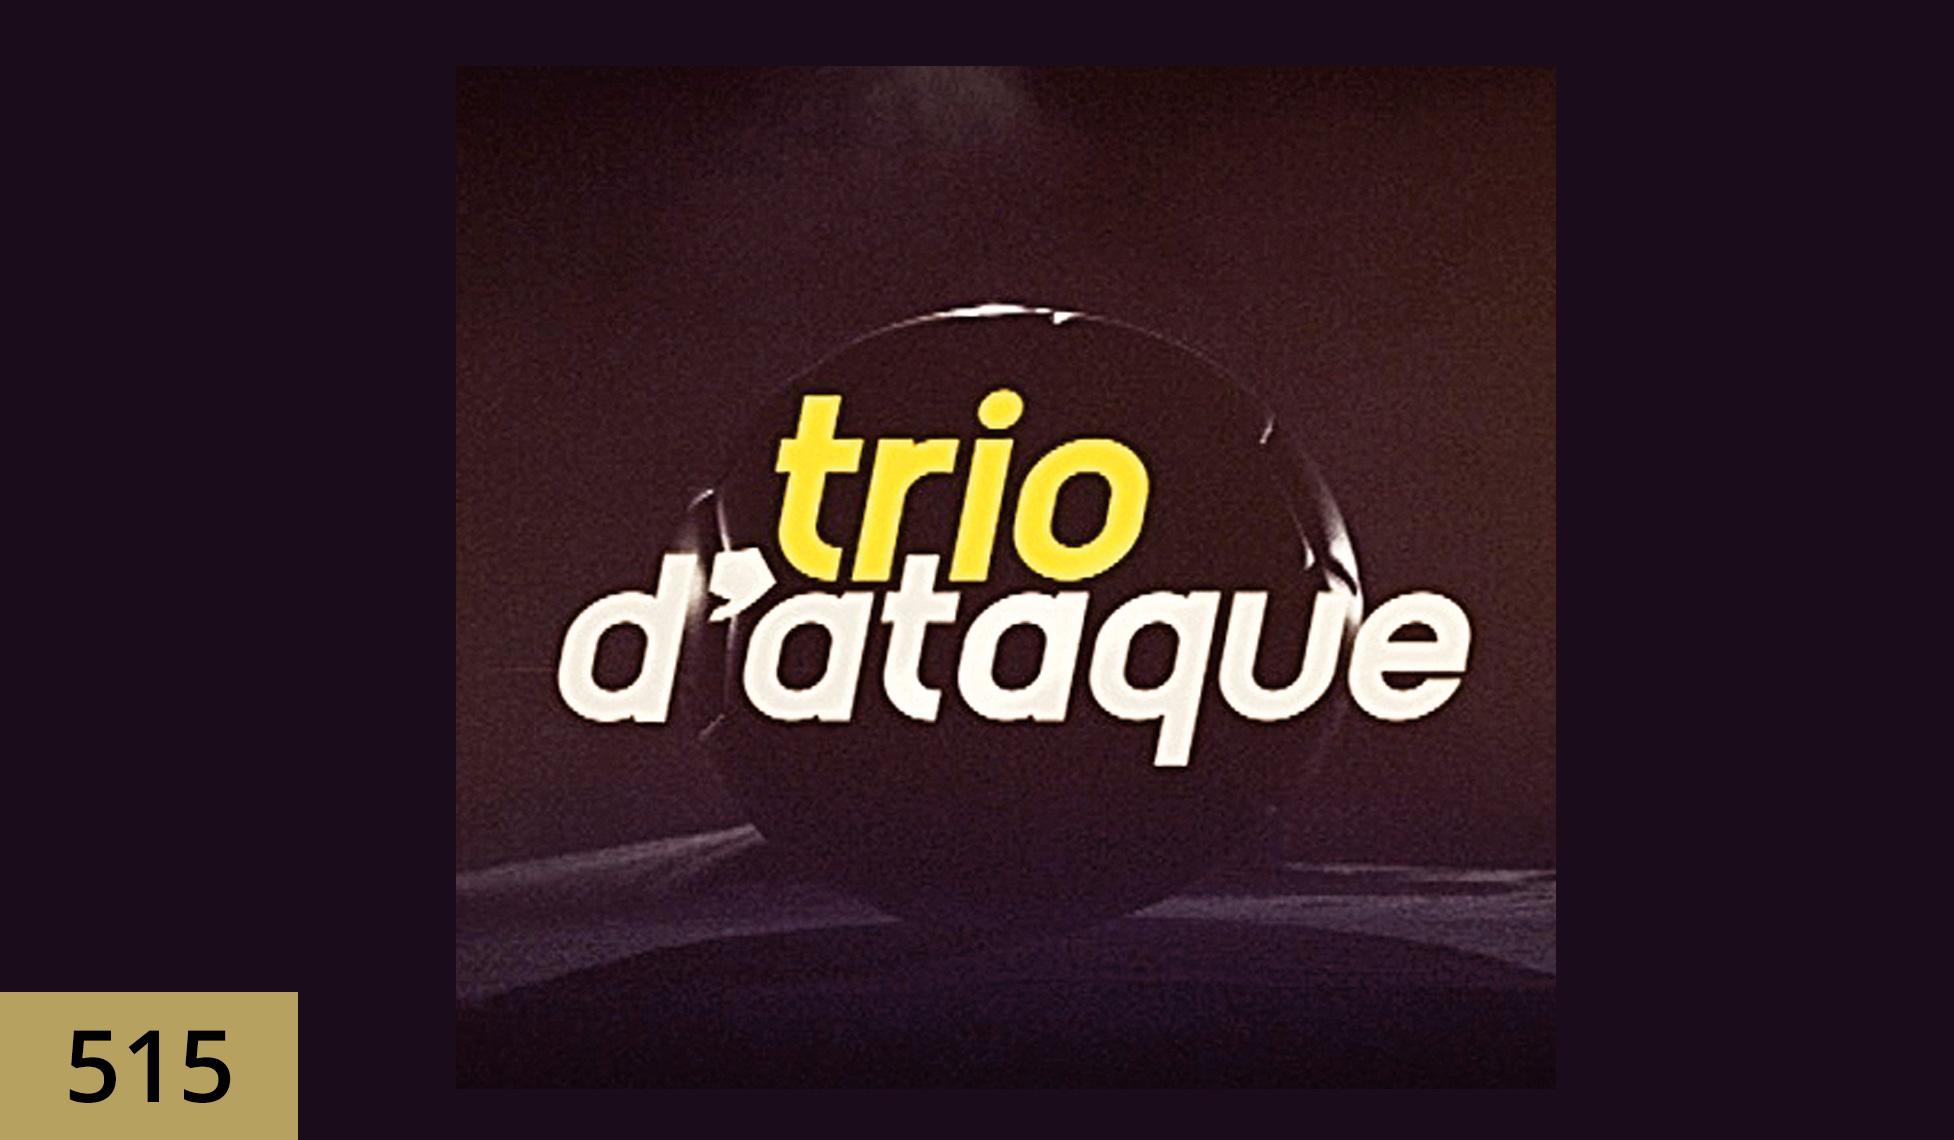 trio_ataque1597230014.jpg